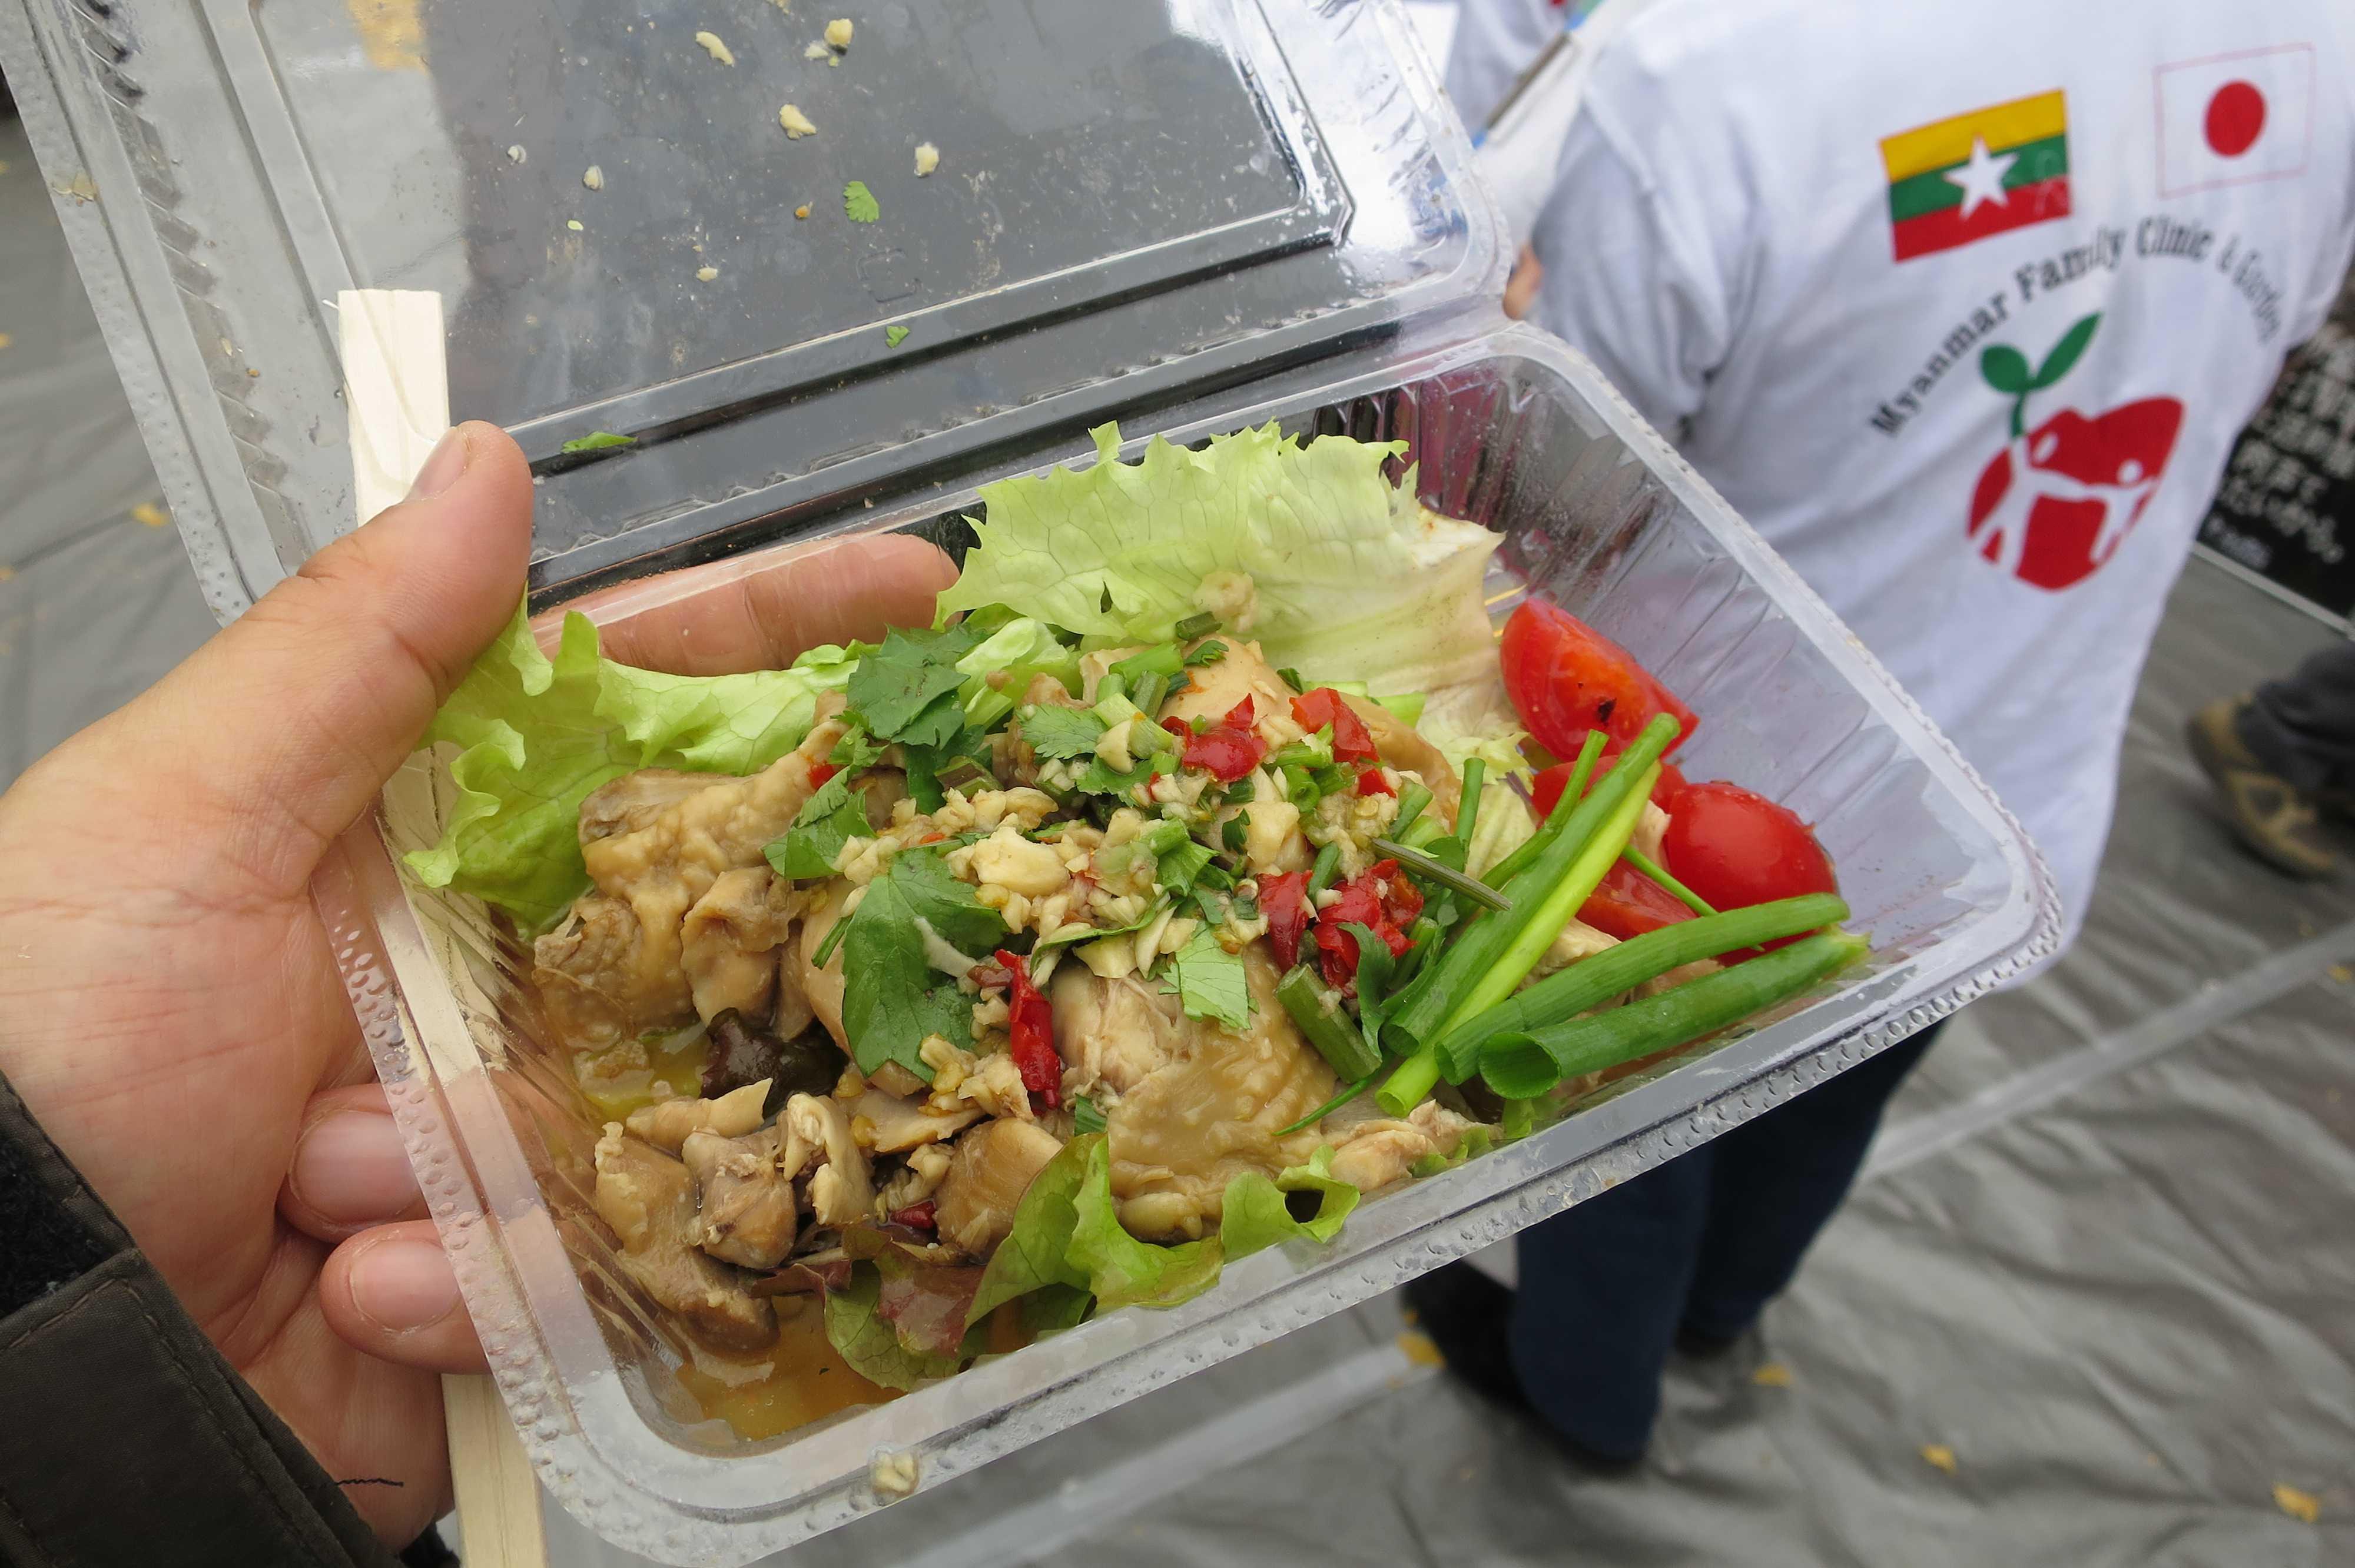 チェターパウン(ミャンマーの蒸し鶏) - ミャンマー祭り2016